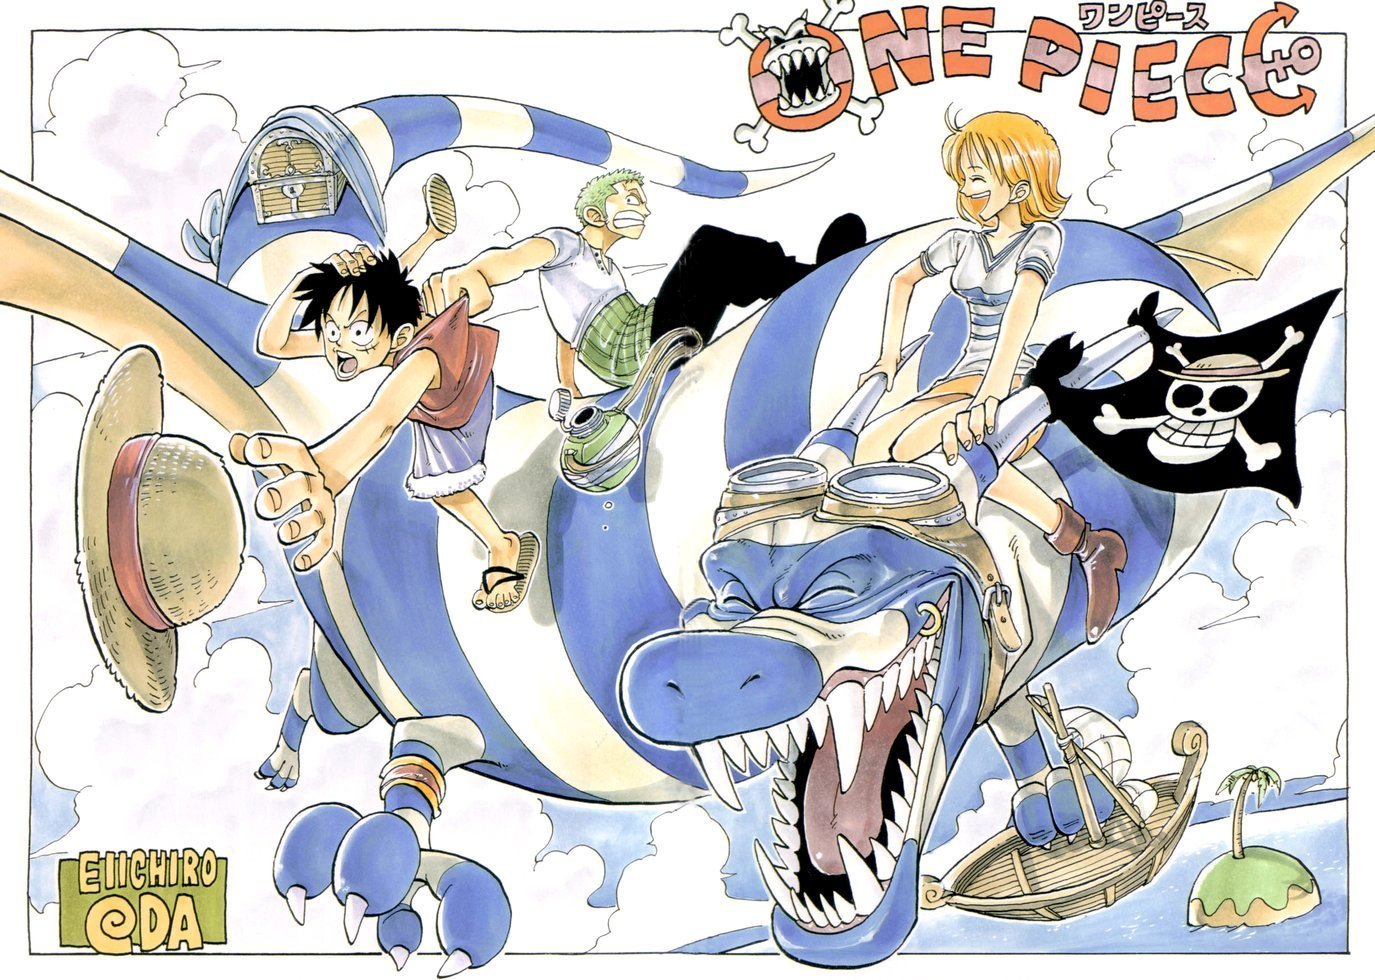 One-Piece-shonen-jump-6151330-1375-980 Fuse Xbox Trailer on slim 250gb, halo reach, elite console, ps3 vs, slim console,